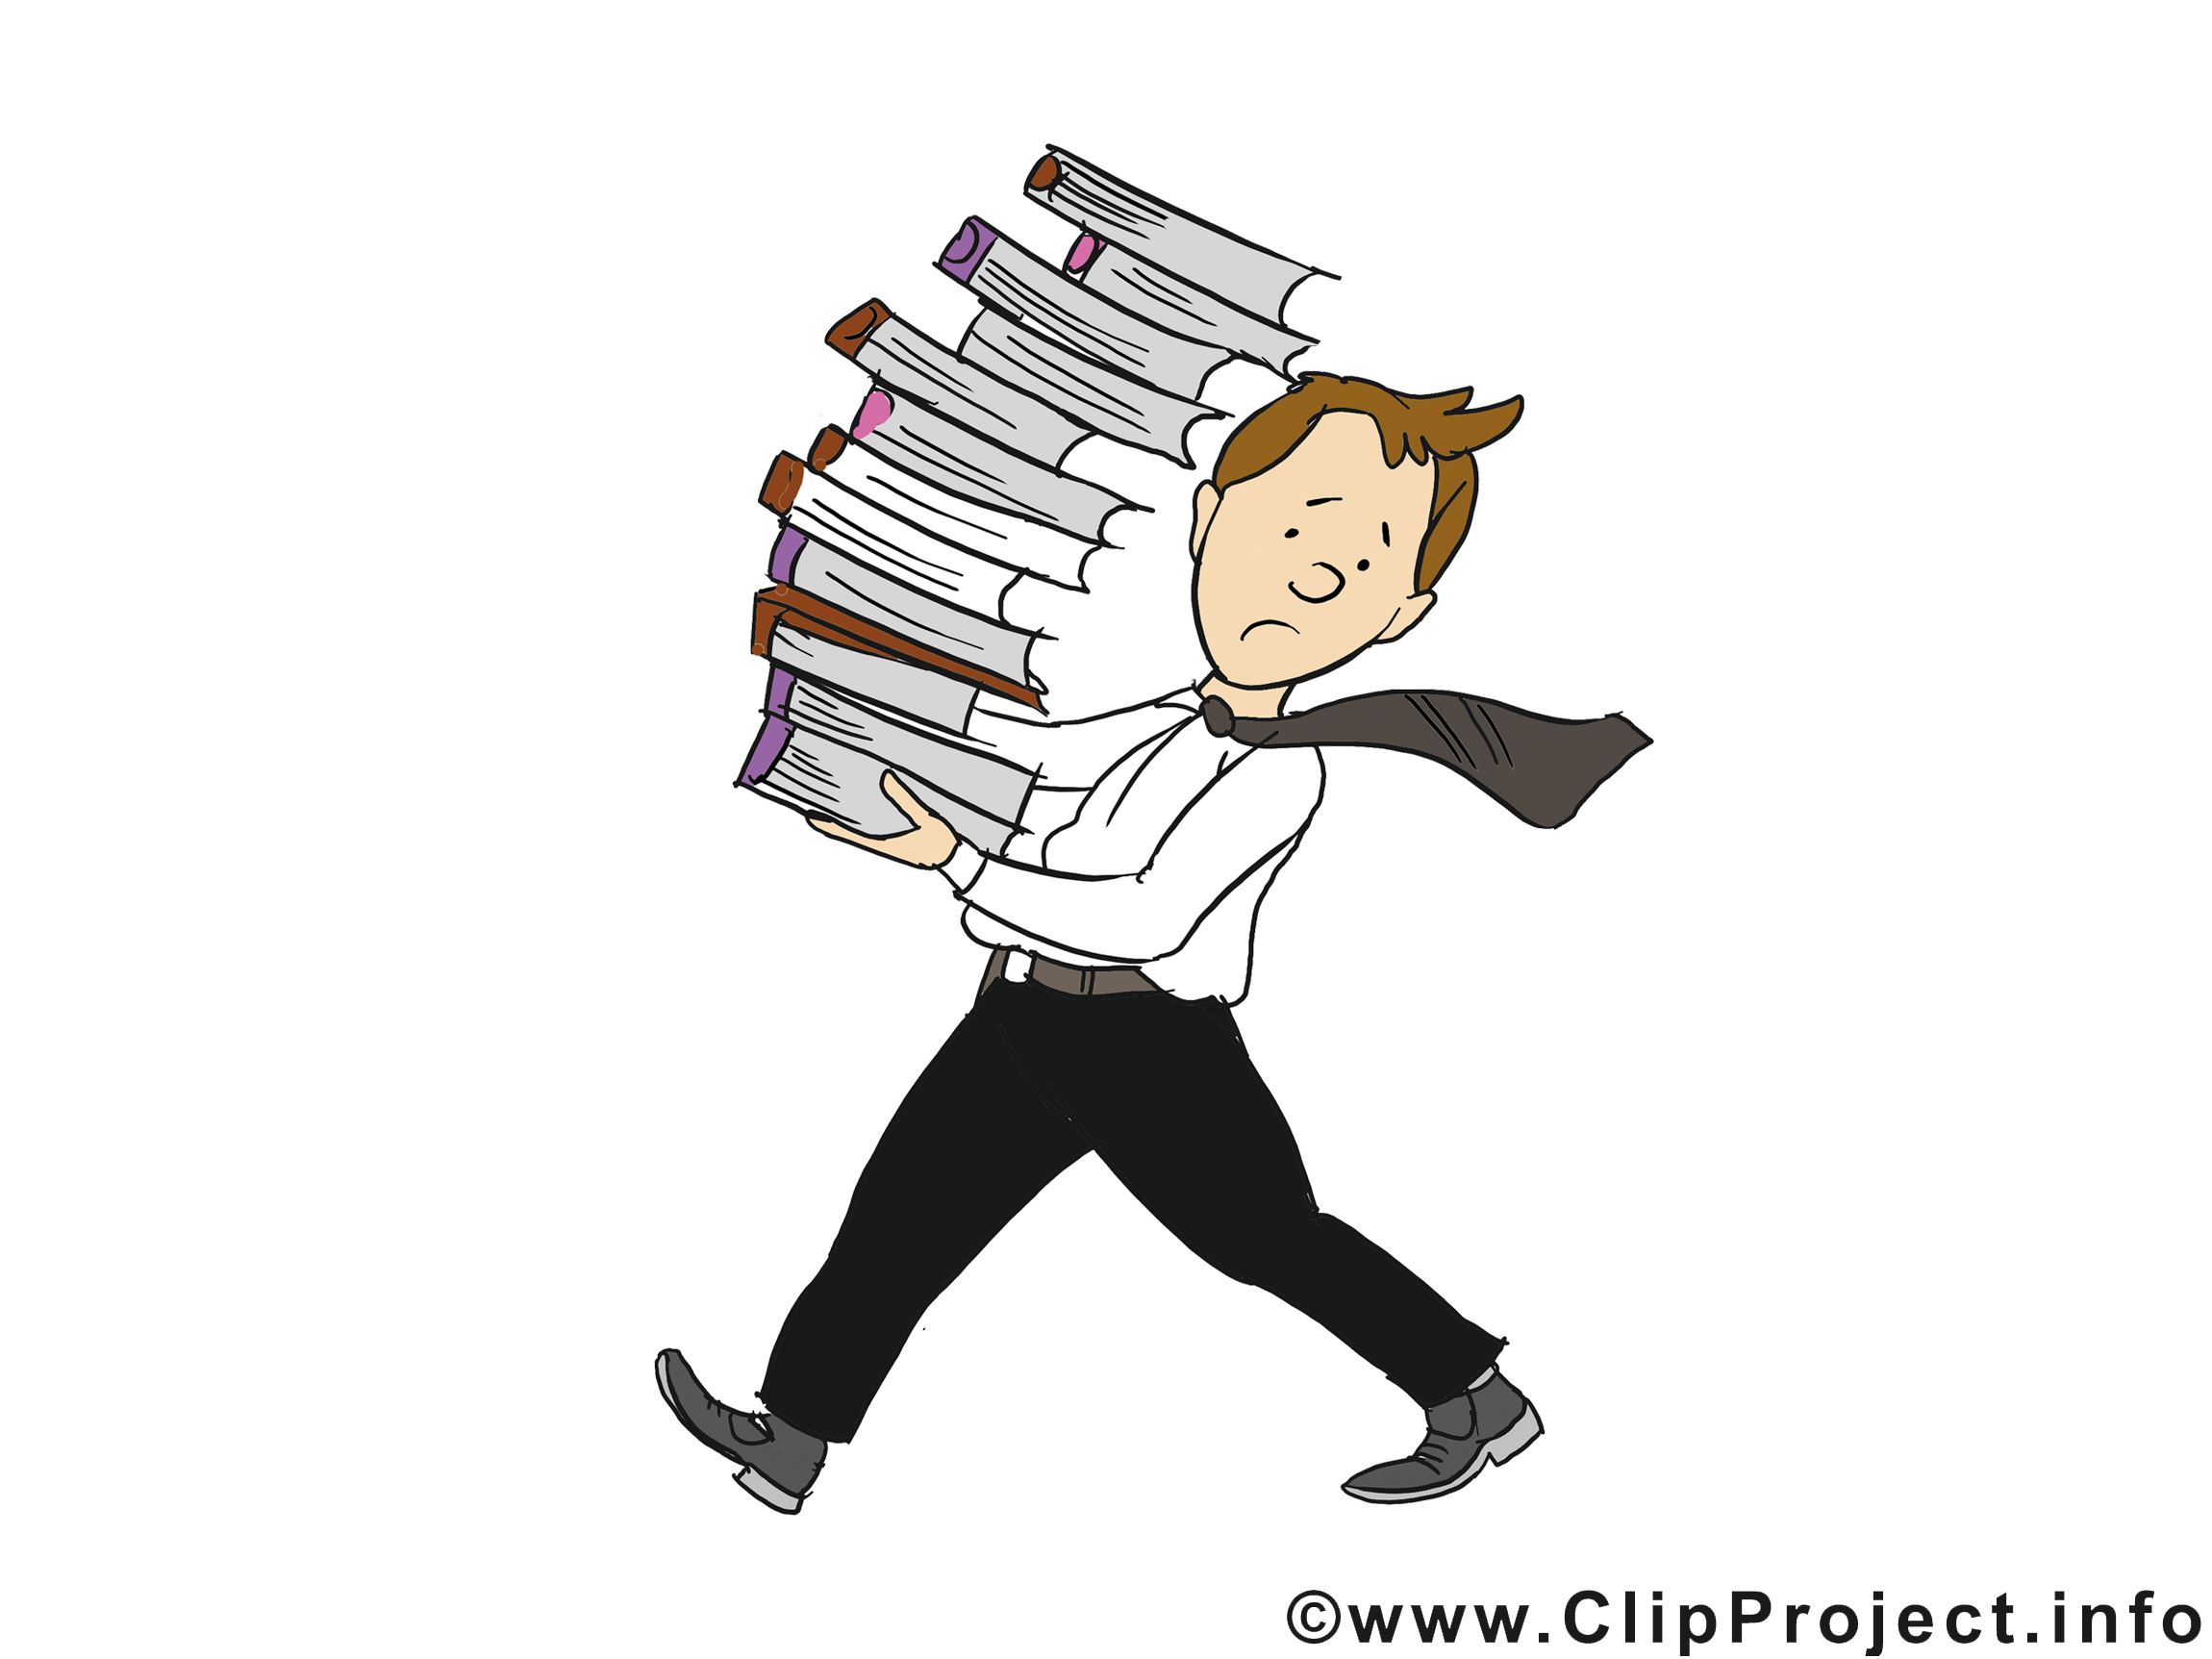 Connu Livres images gratuites – Bureau clipart - Bureau dessin, picture  CR82